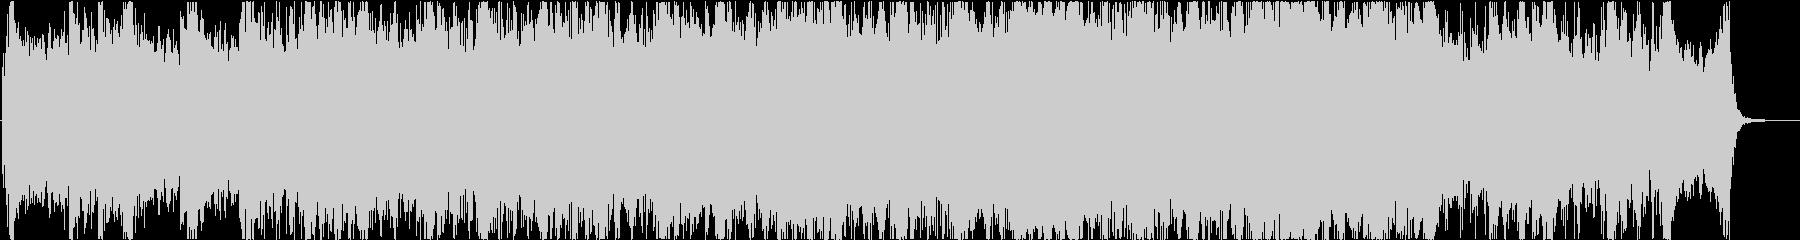 エピック、シネマティック、ヒロイックの未再生の波形